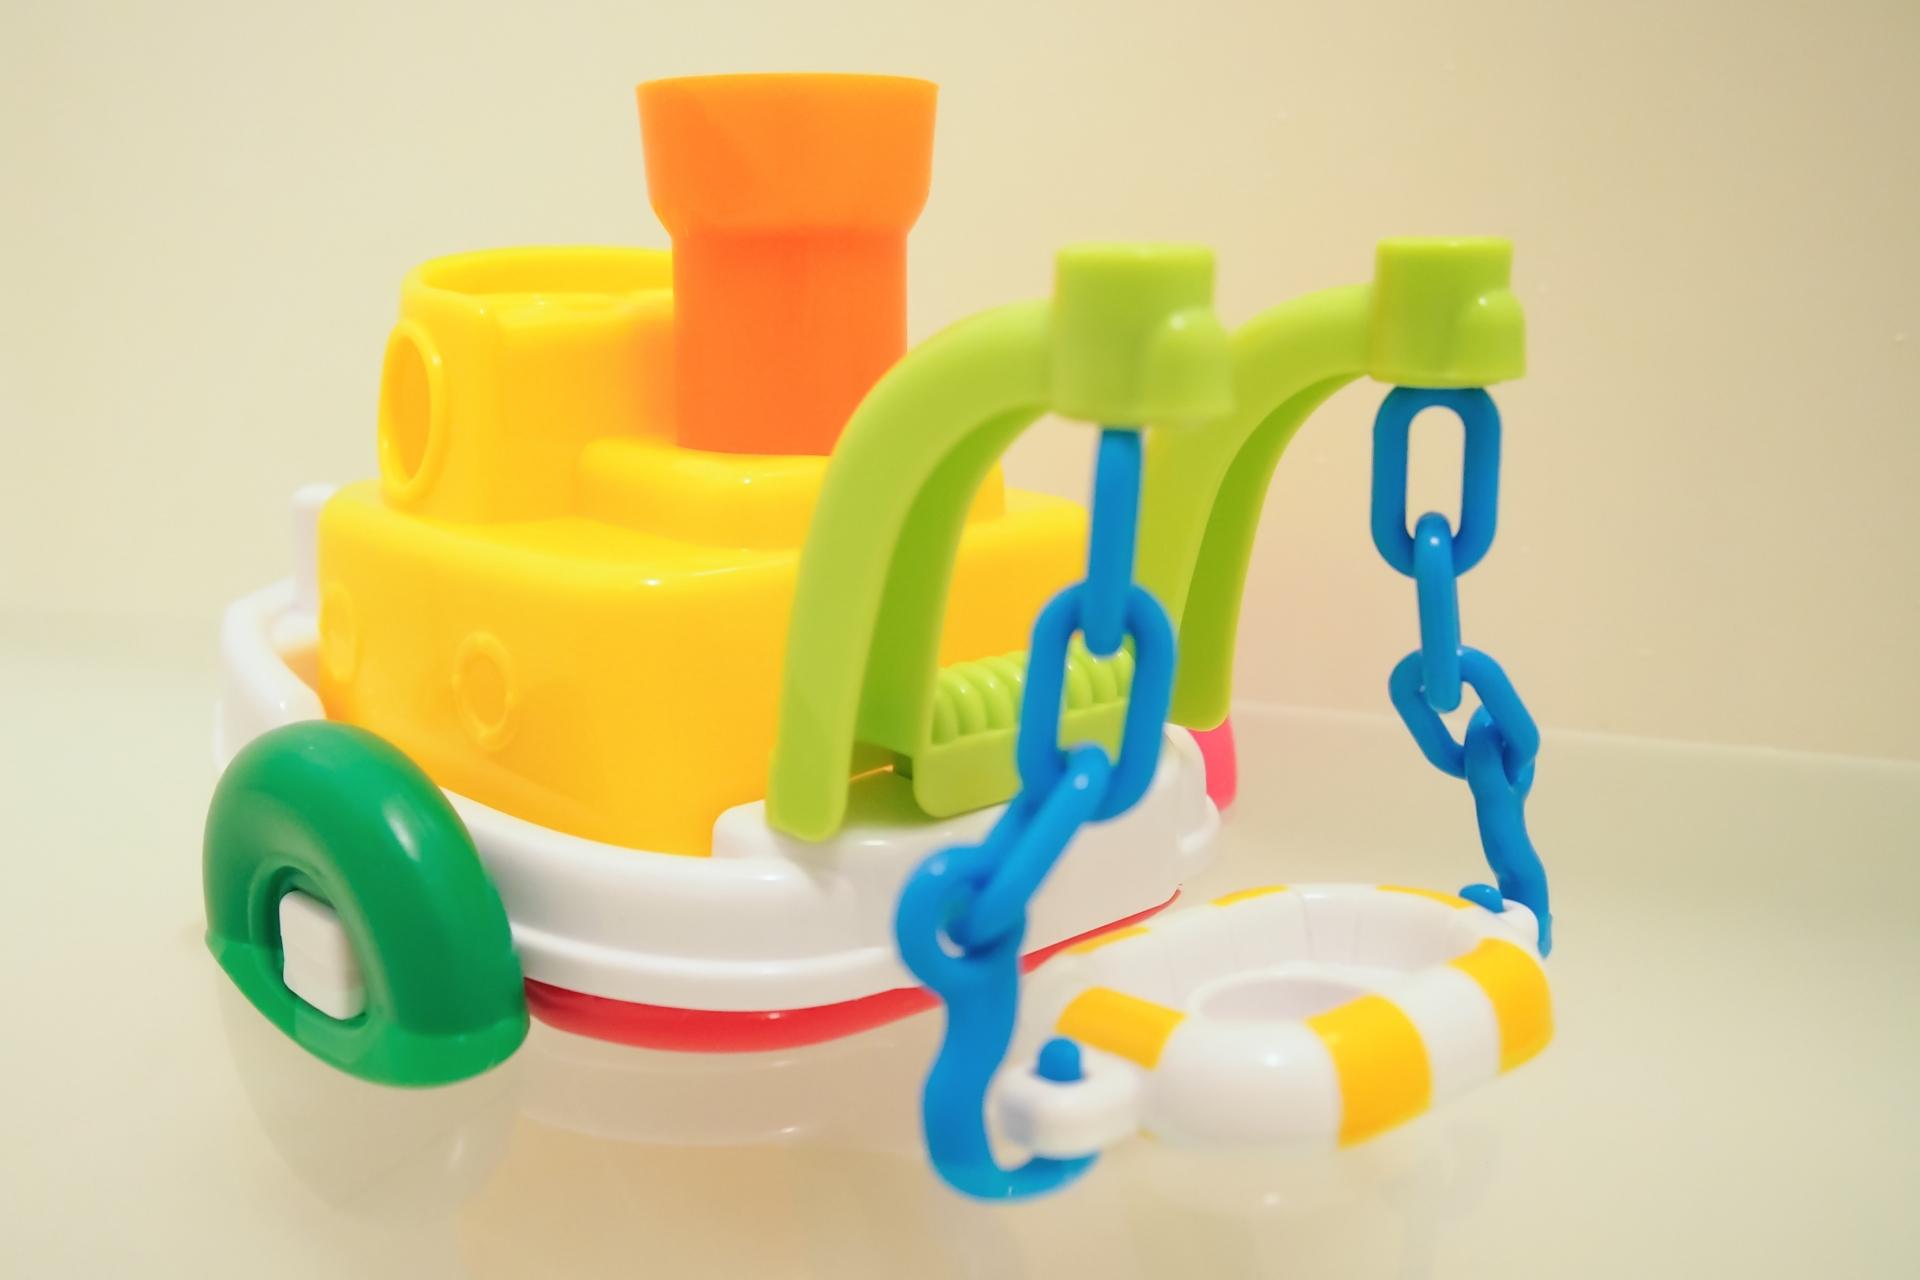 お風呂用おもちゃのおすすめ6選!柔らかい素材の商品も